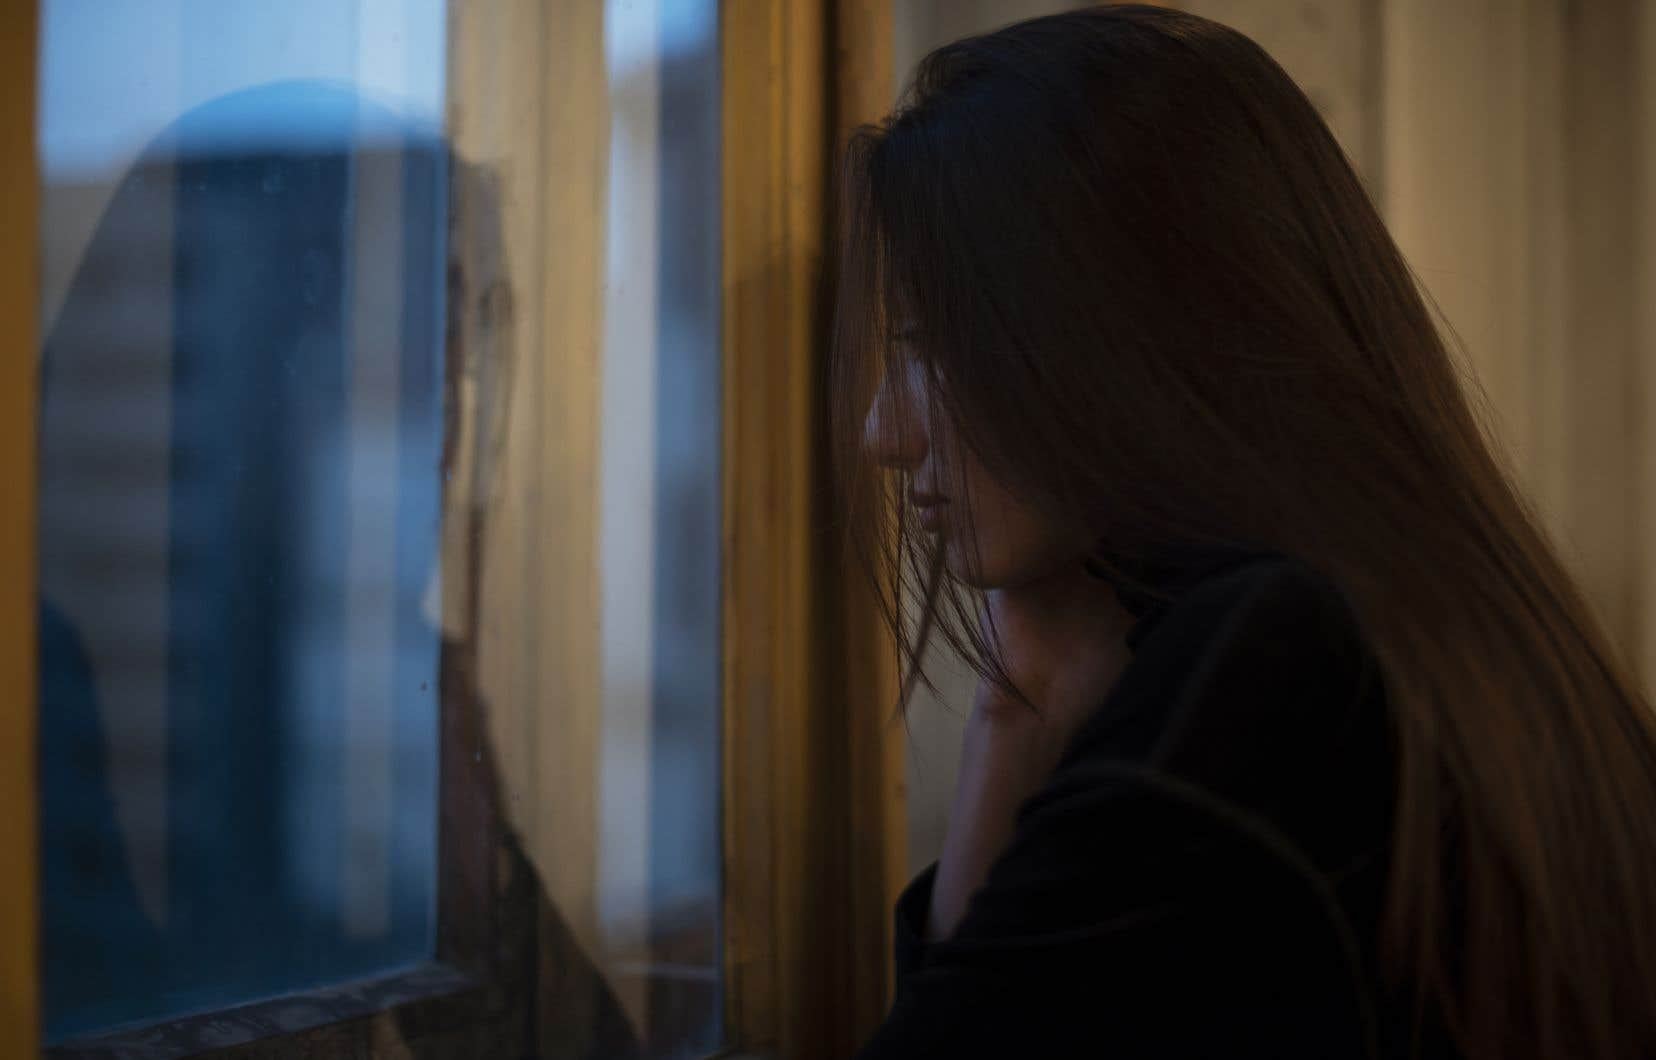 Des investissements de 181millions sur cinq ans ont été annoncés pour bonifier le plan gouvernemental de lutte contre la violence conjugale et les services offerts par les maisons d'hébergement.